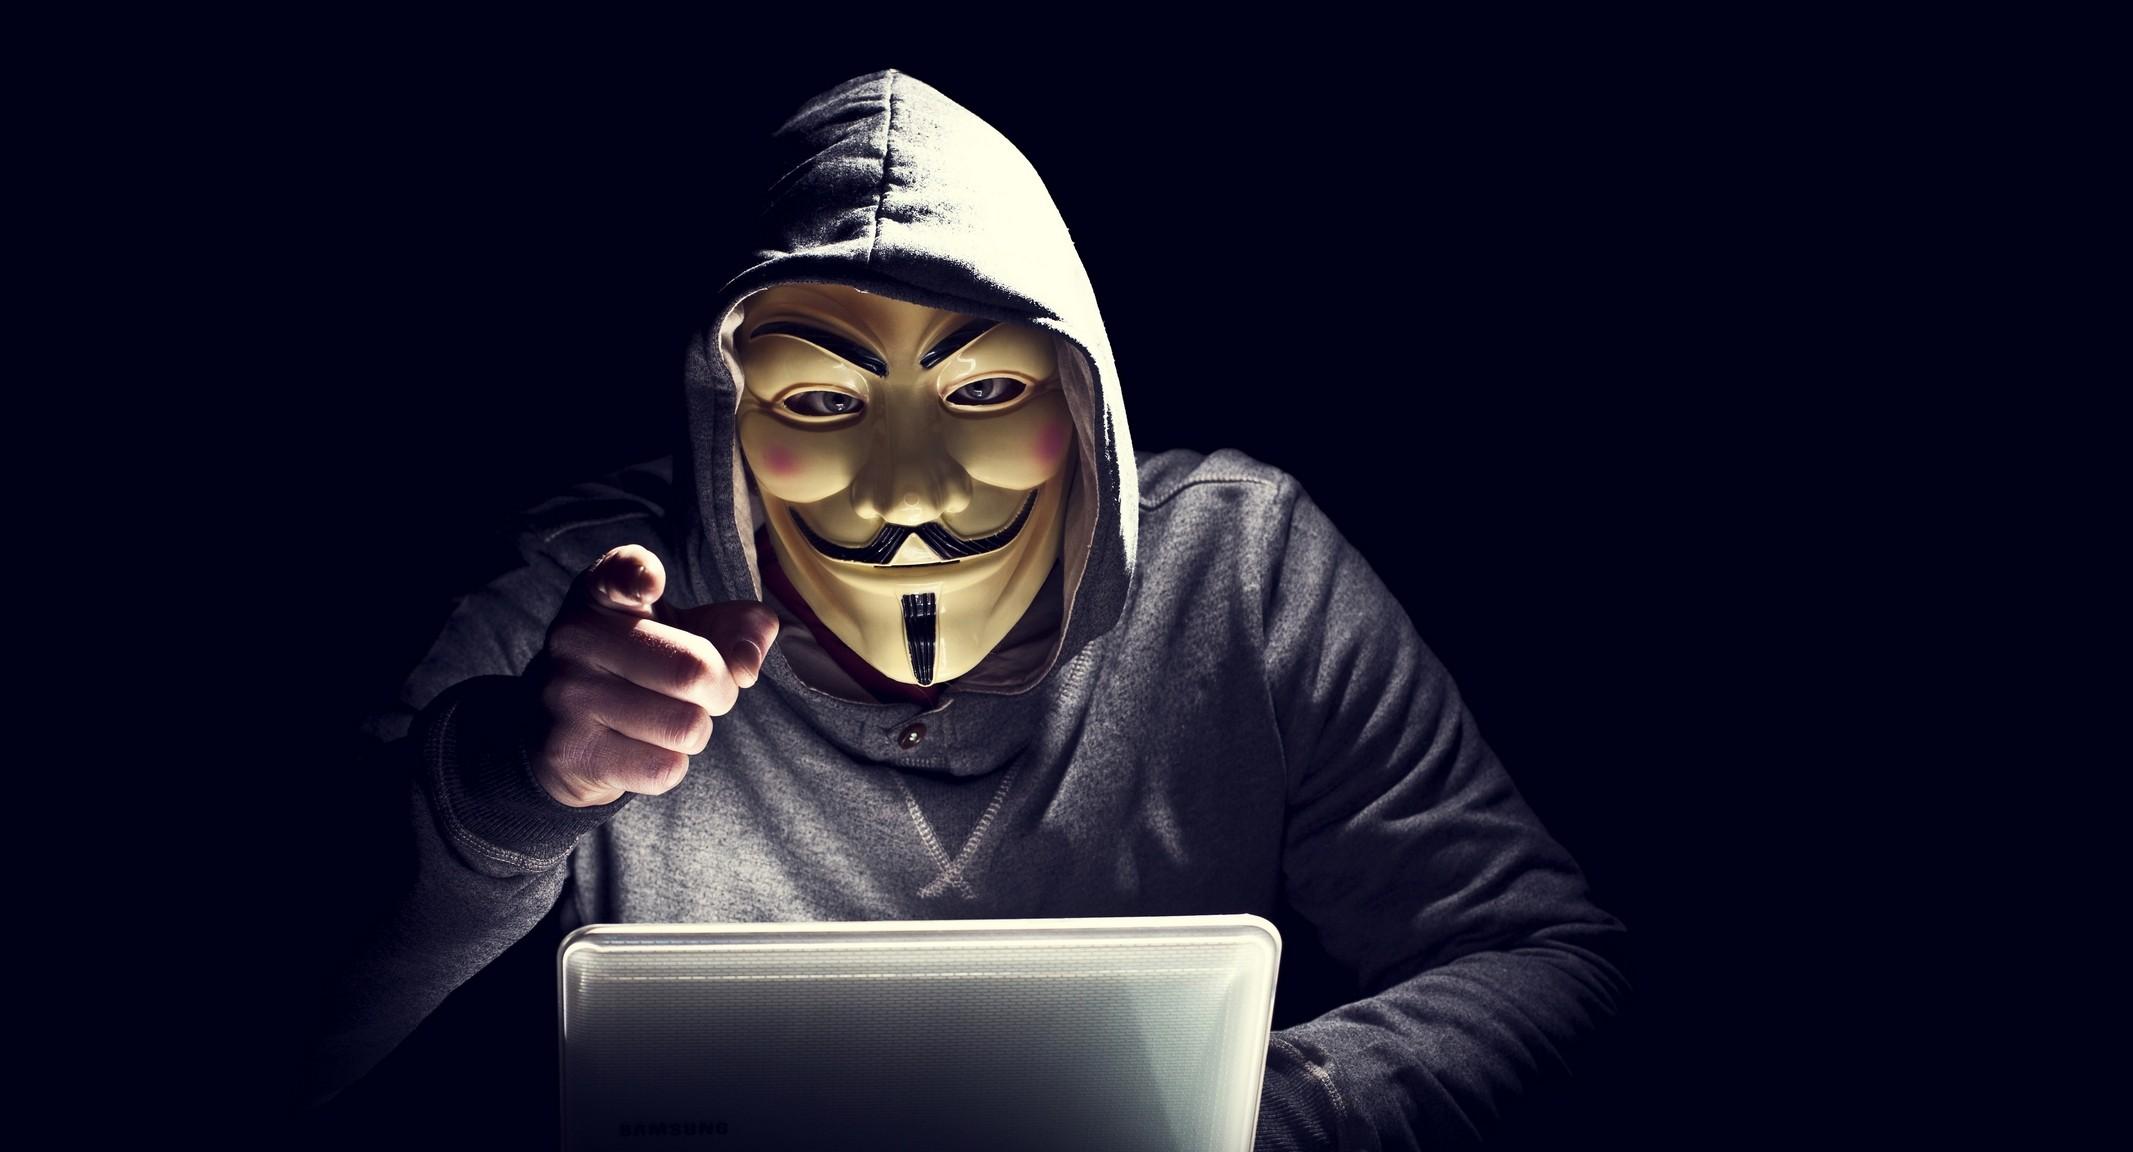 Возросло число кибератак насерверыЕС